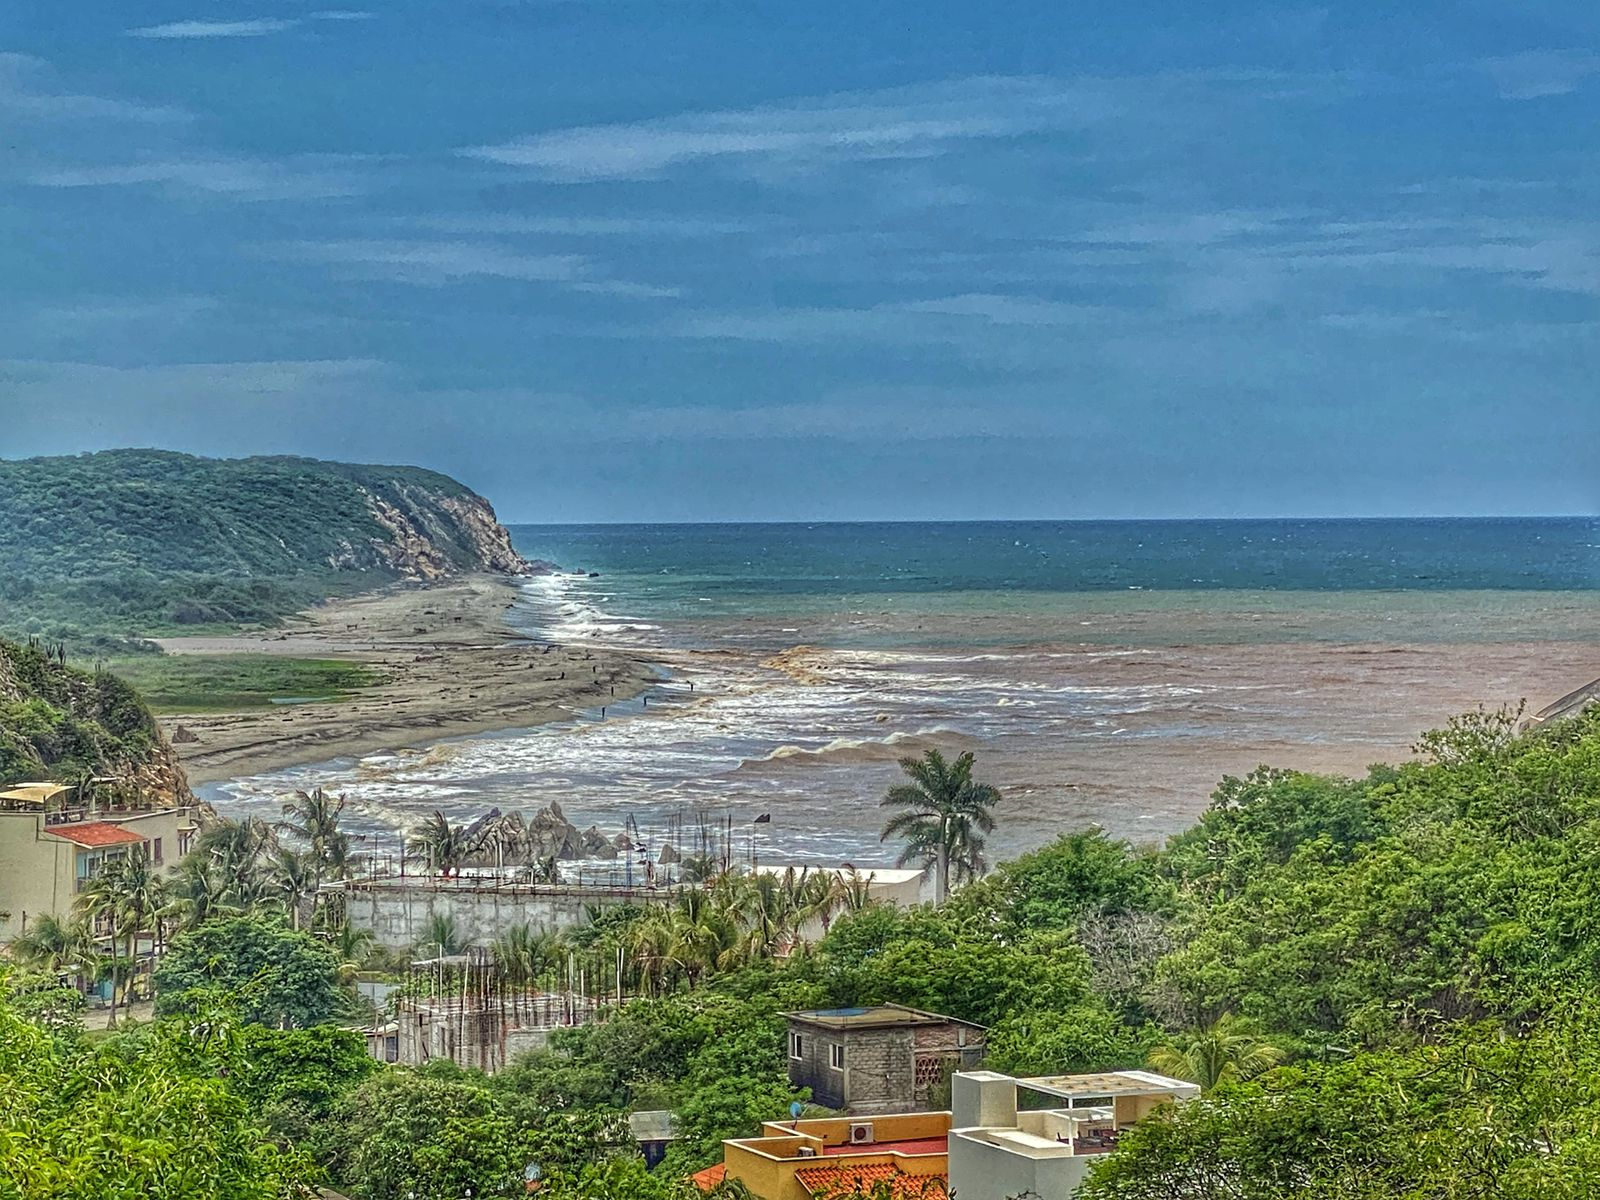 La bocana, unafusión de mar y río | El Imparcial de Oaxaca